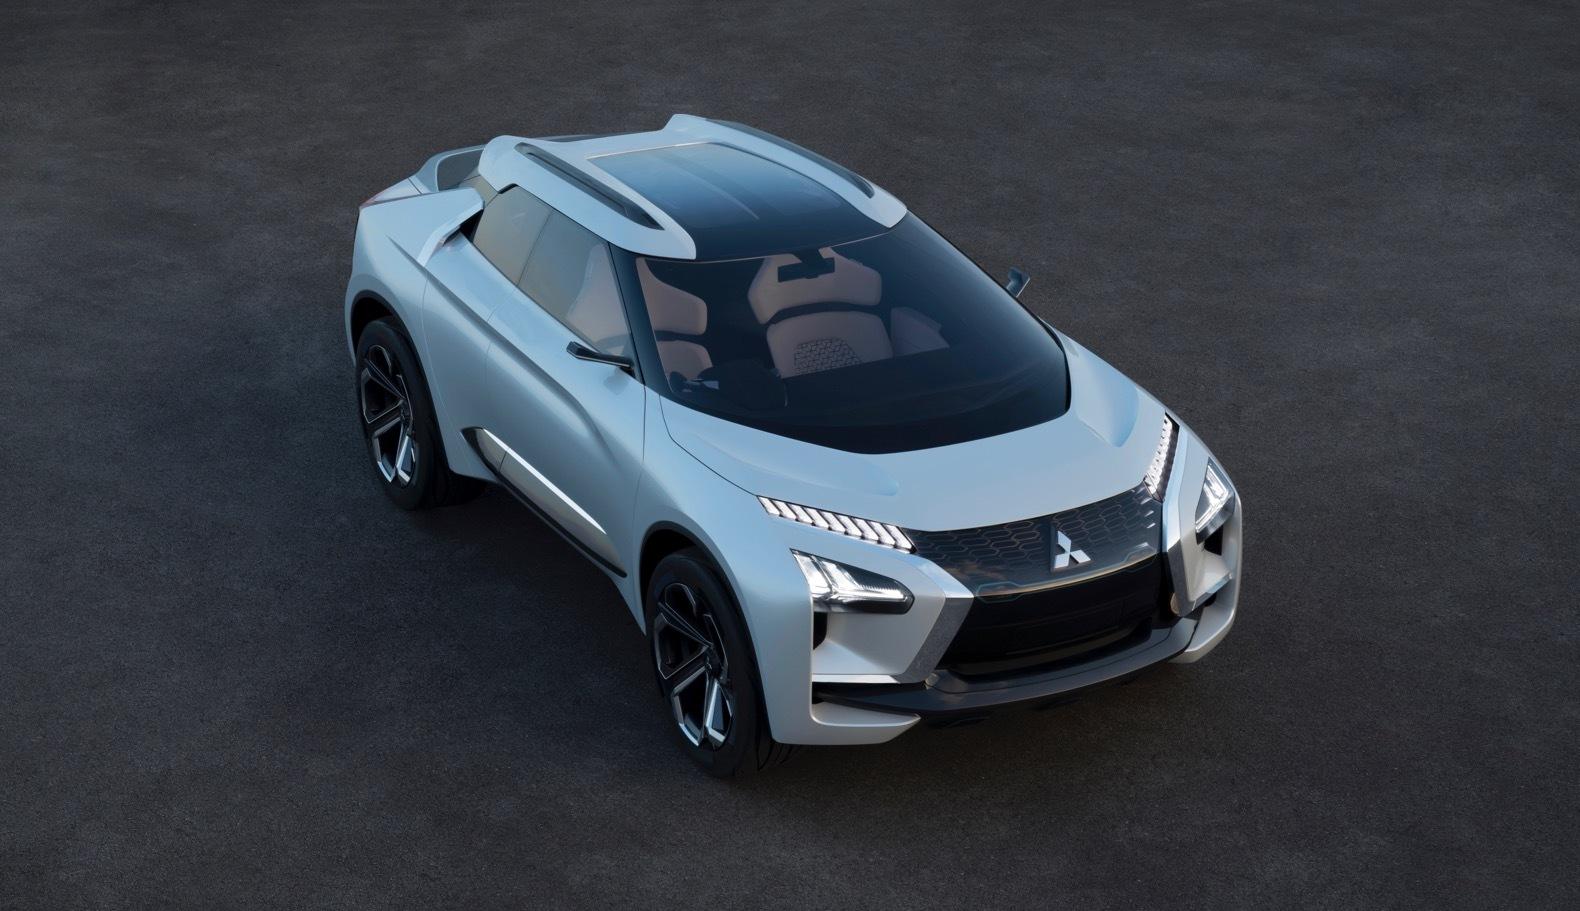 Mitsubishi-e-Evolution-Concept-0003_201710252328315ef.jpg